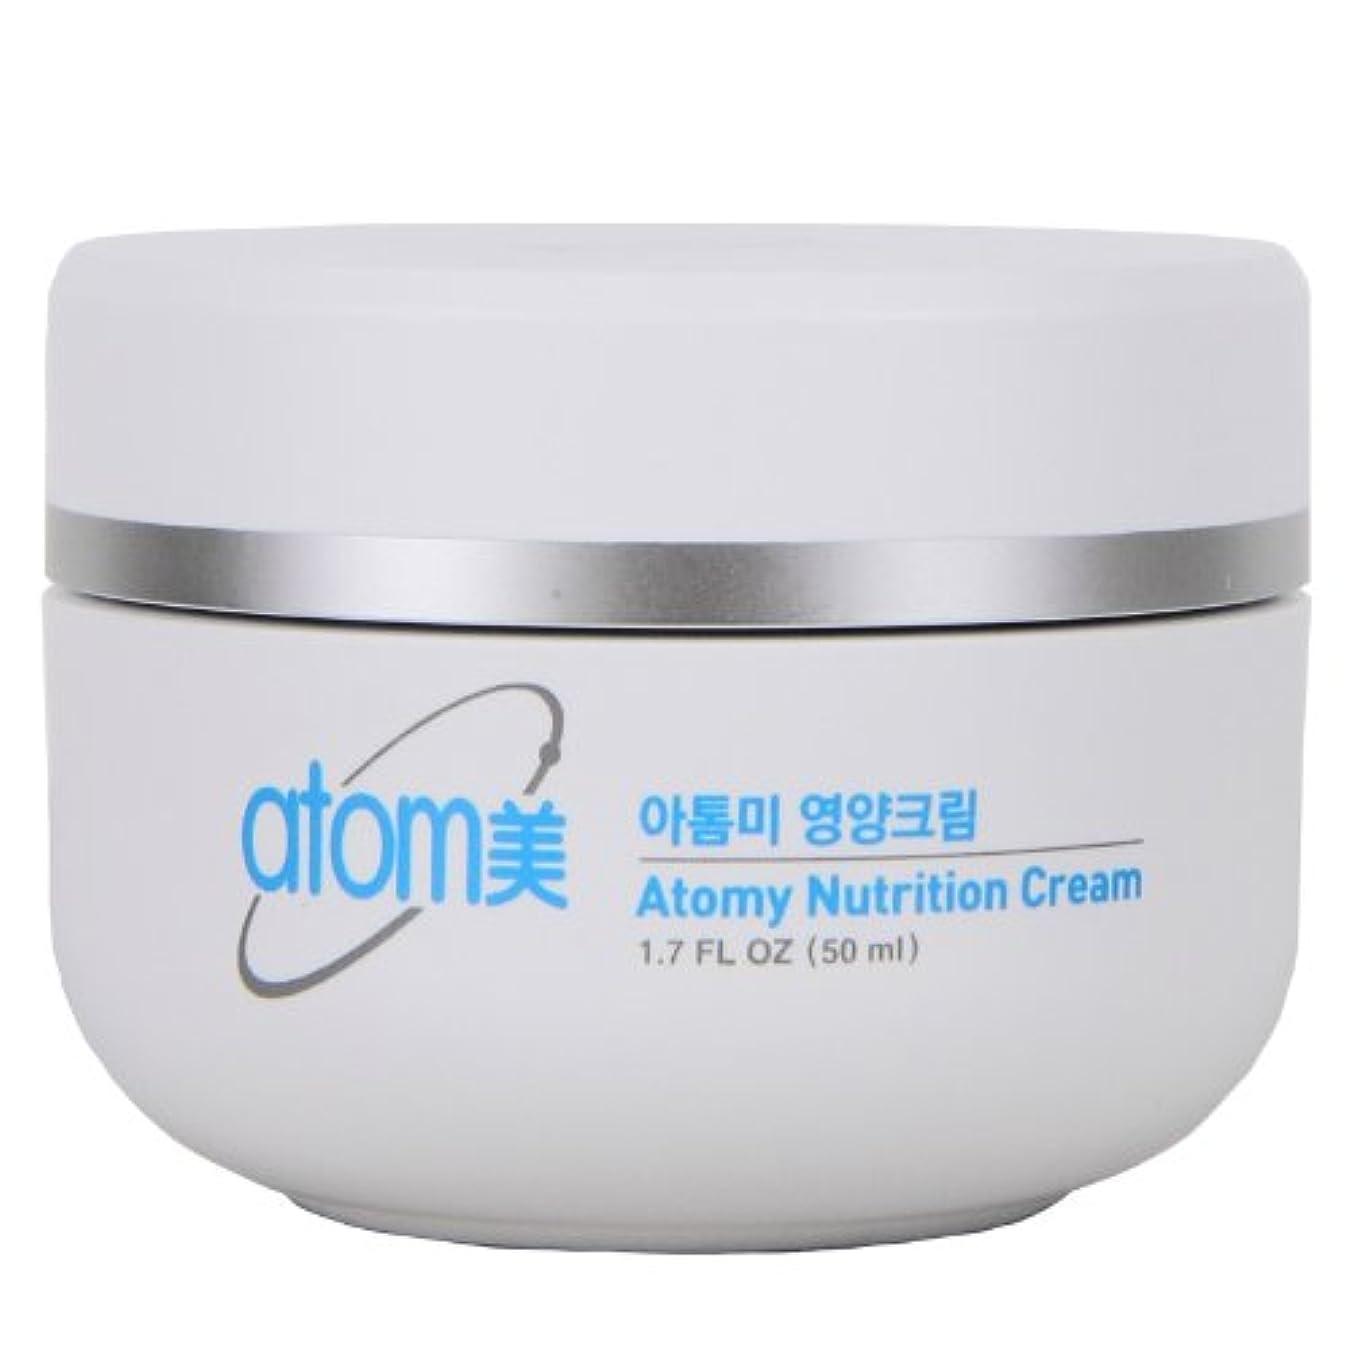 グラムハイライトワイヤー韓国コスメ Atom美 アトミ クリーム ■ナチュラルコスメ